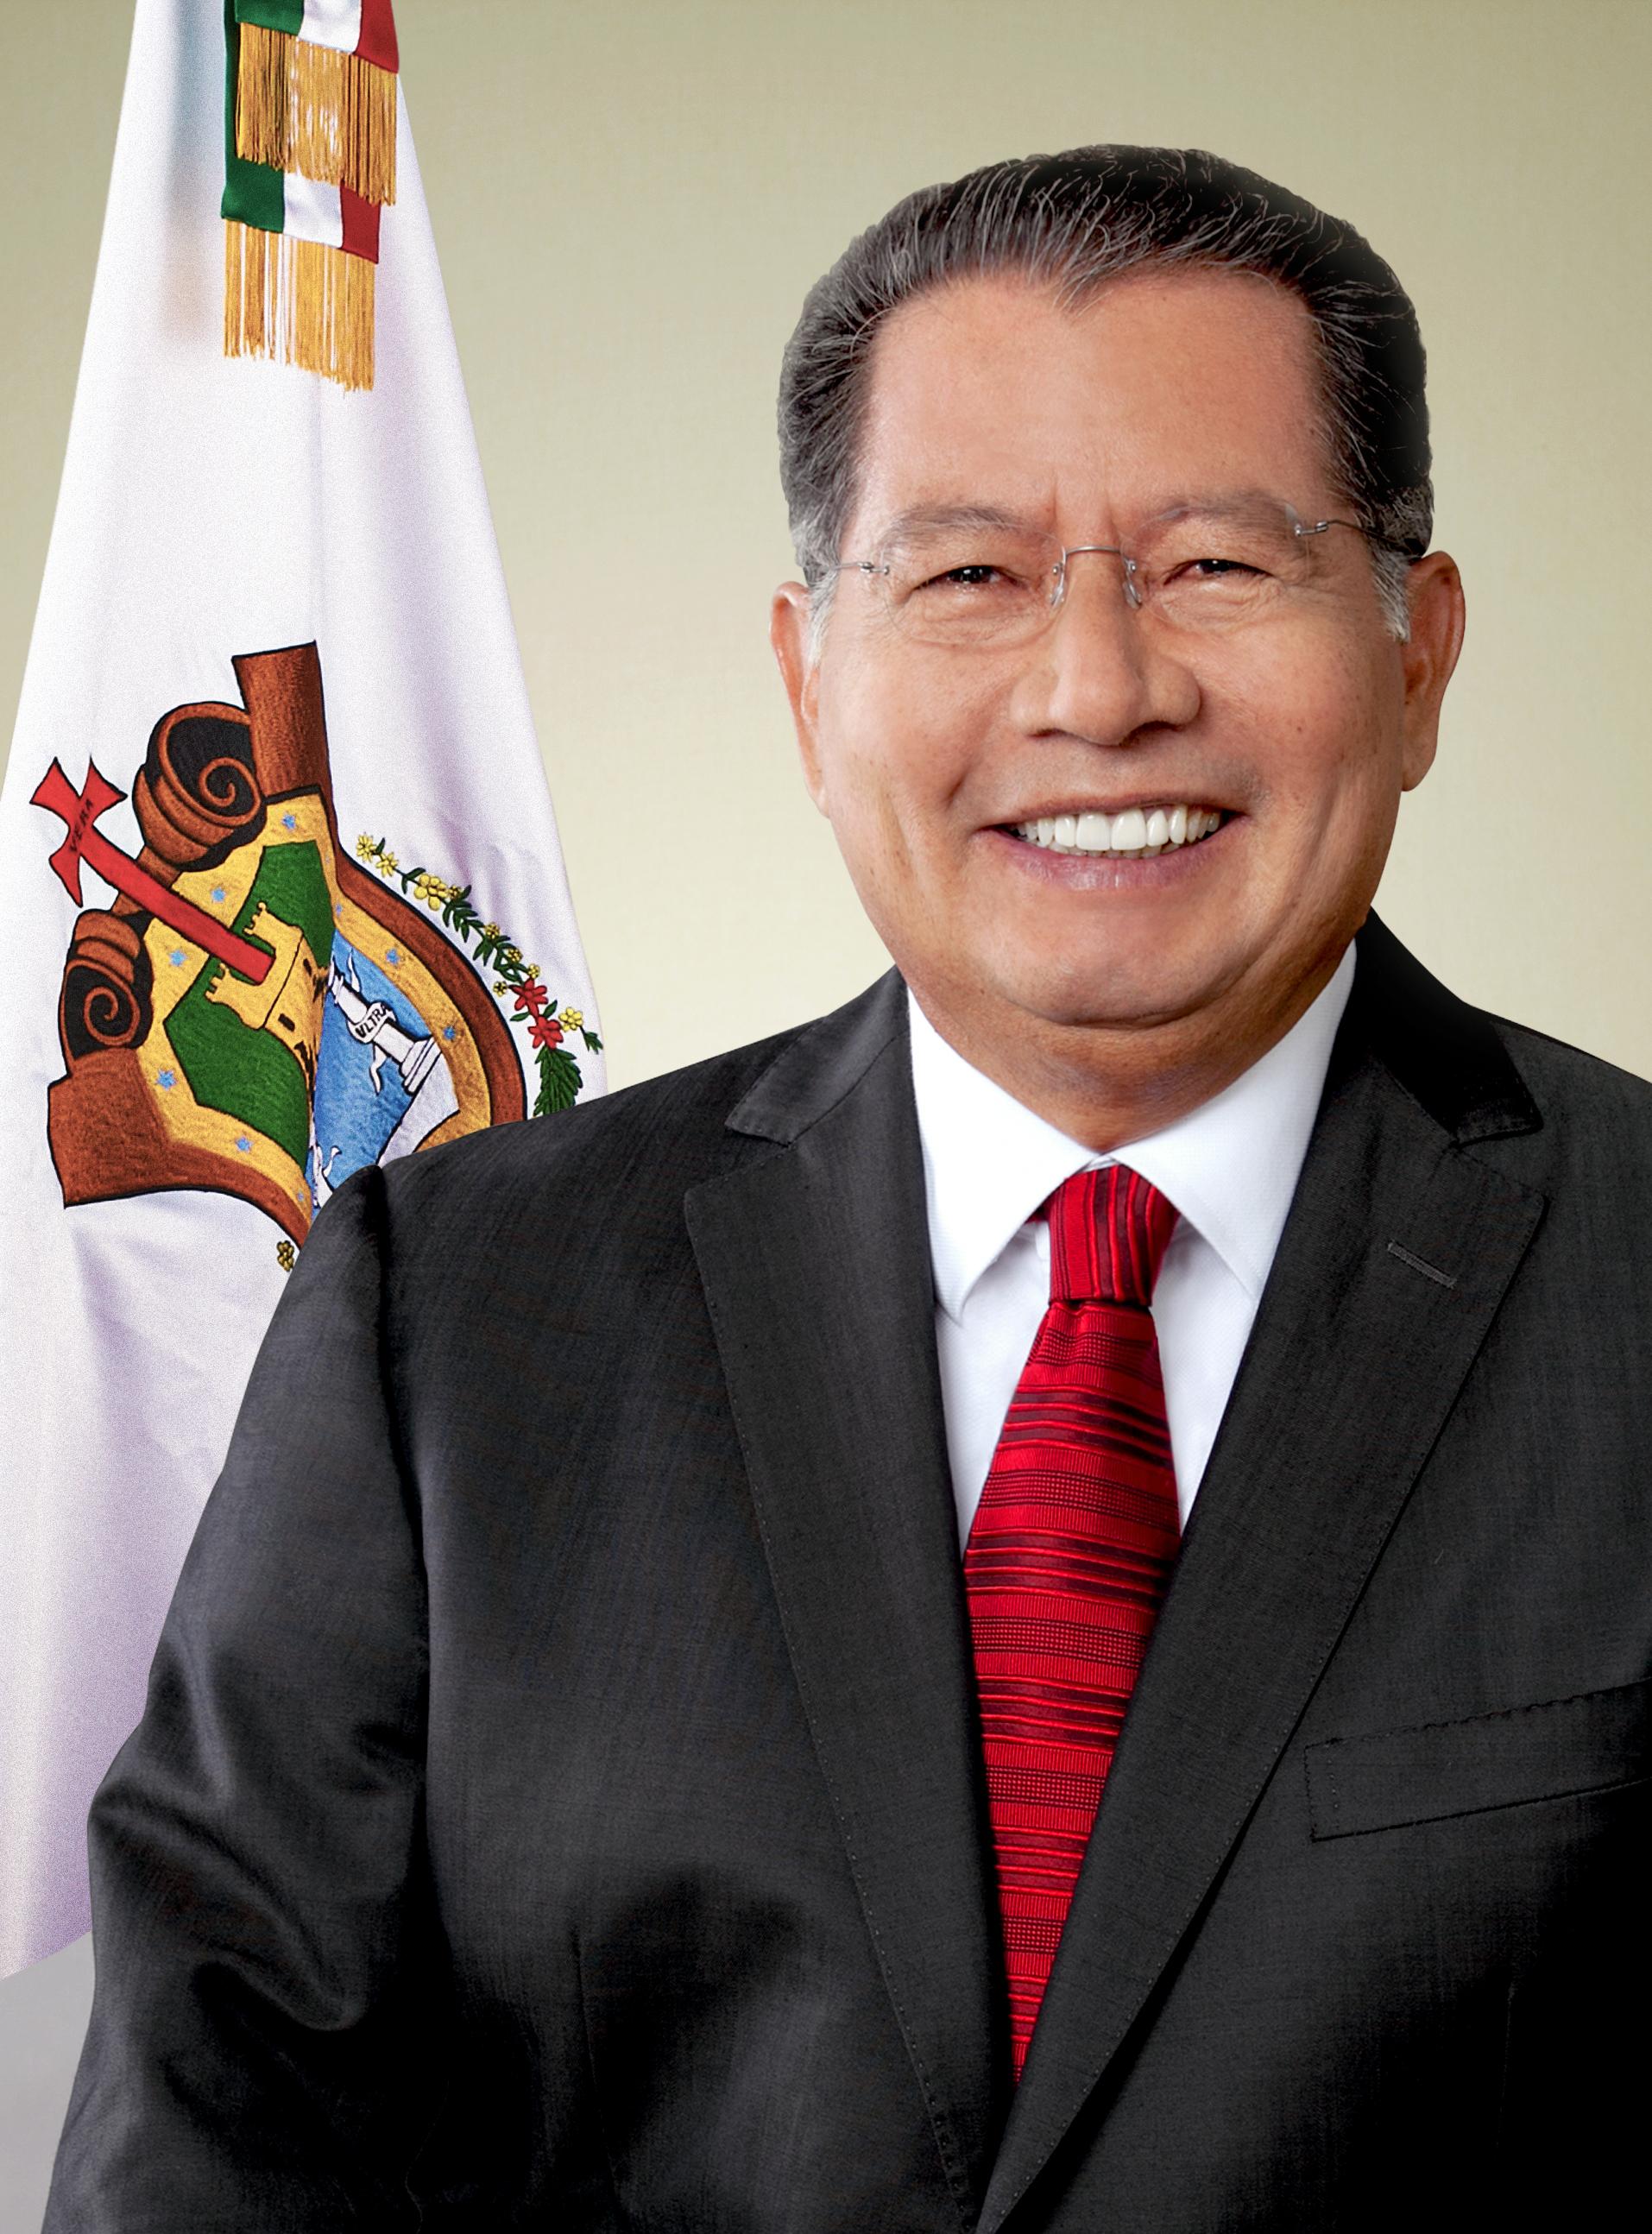 El Congreso nombra gobernador interino del estado mexicano de Veracruz